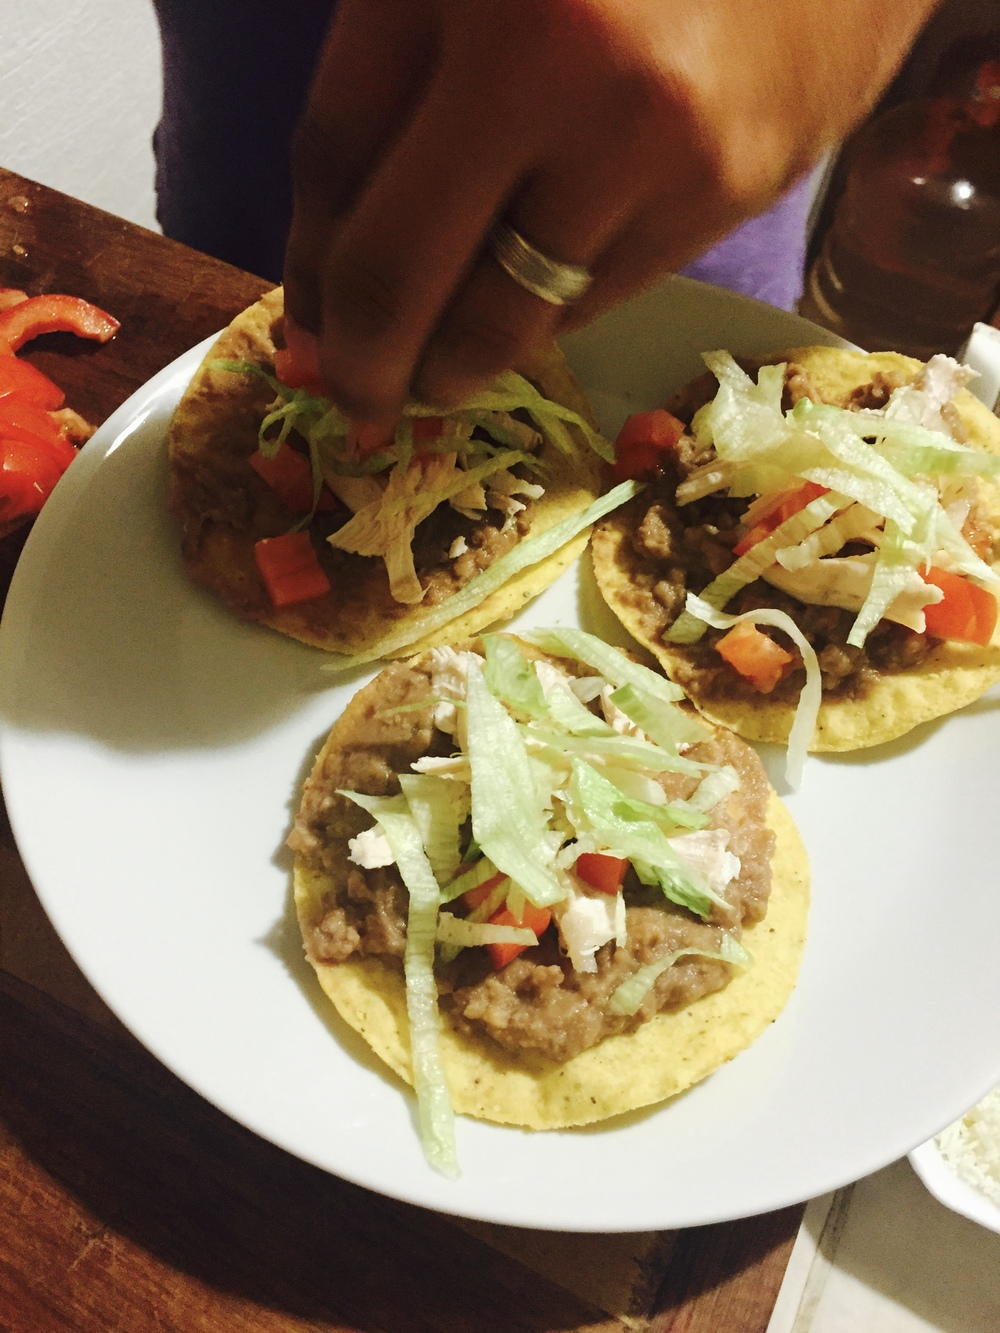 Meksikietiskas maistas be gliuteno be glitimo.jpg